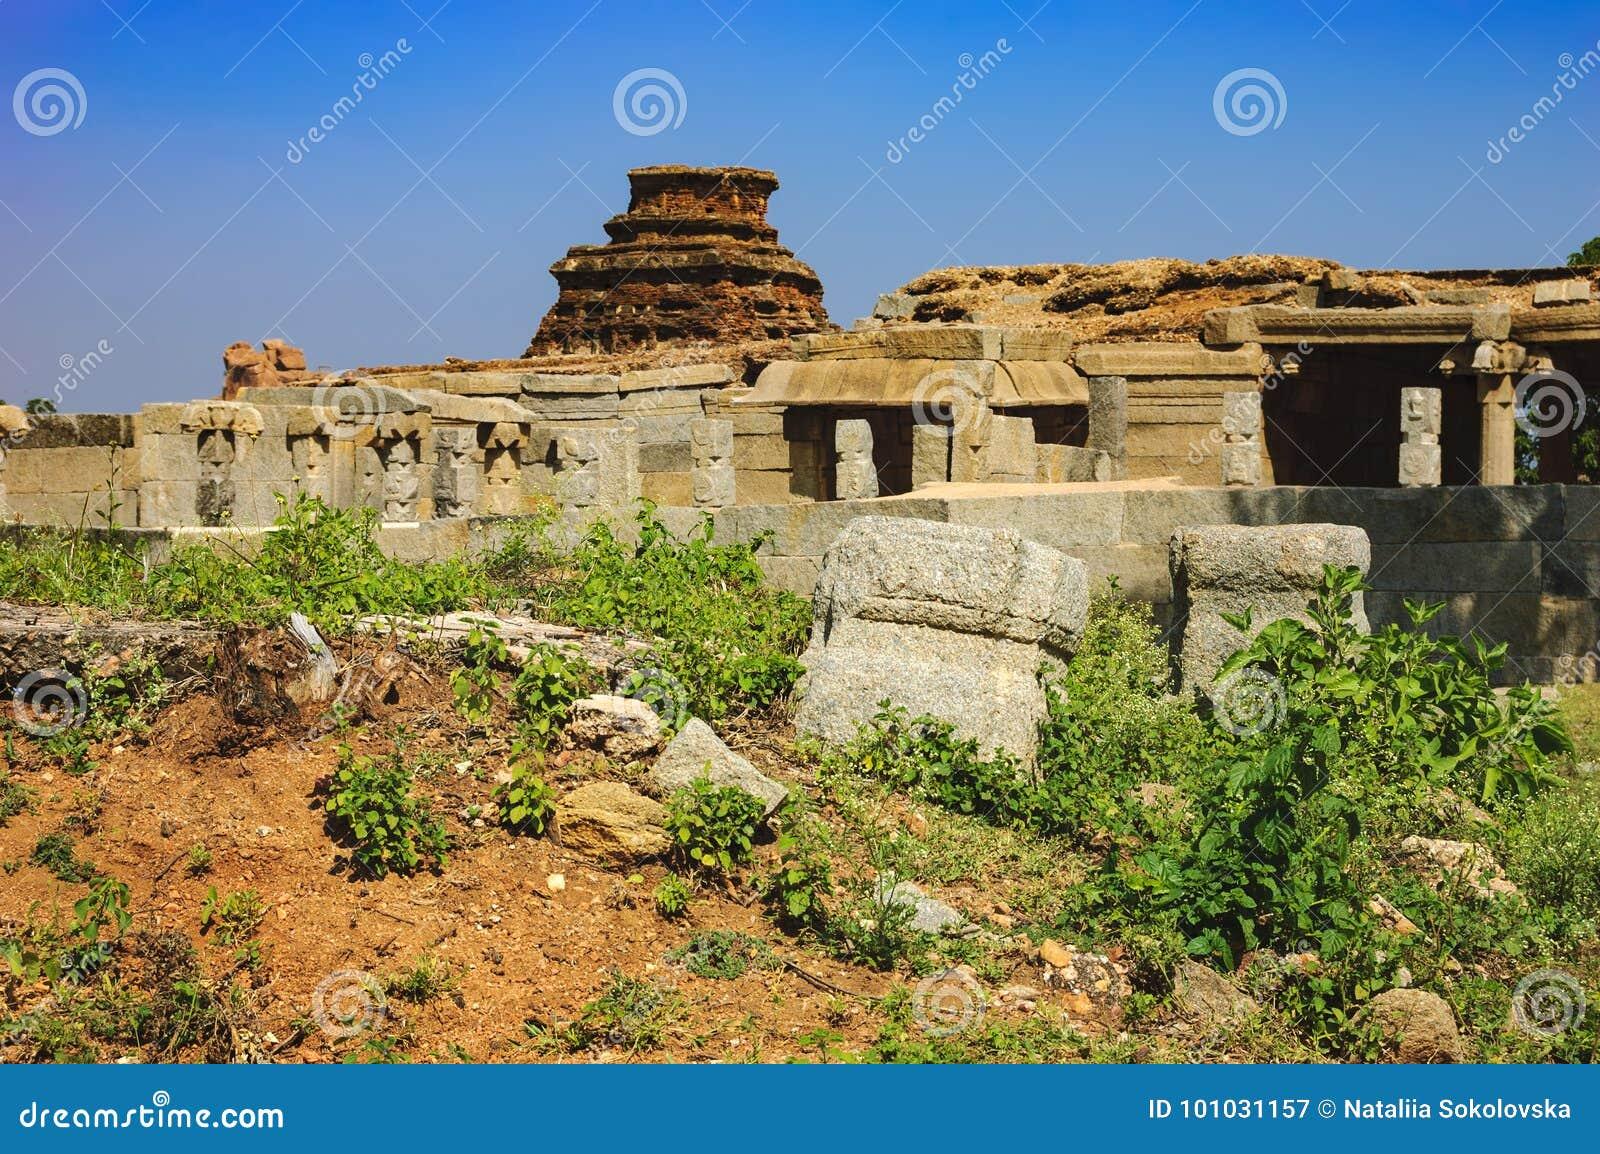 Ruinas antiguas de la señal india turística en Hampi